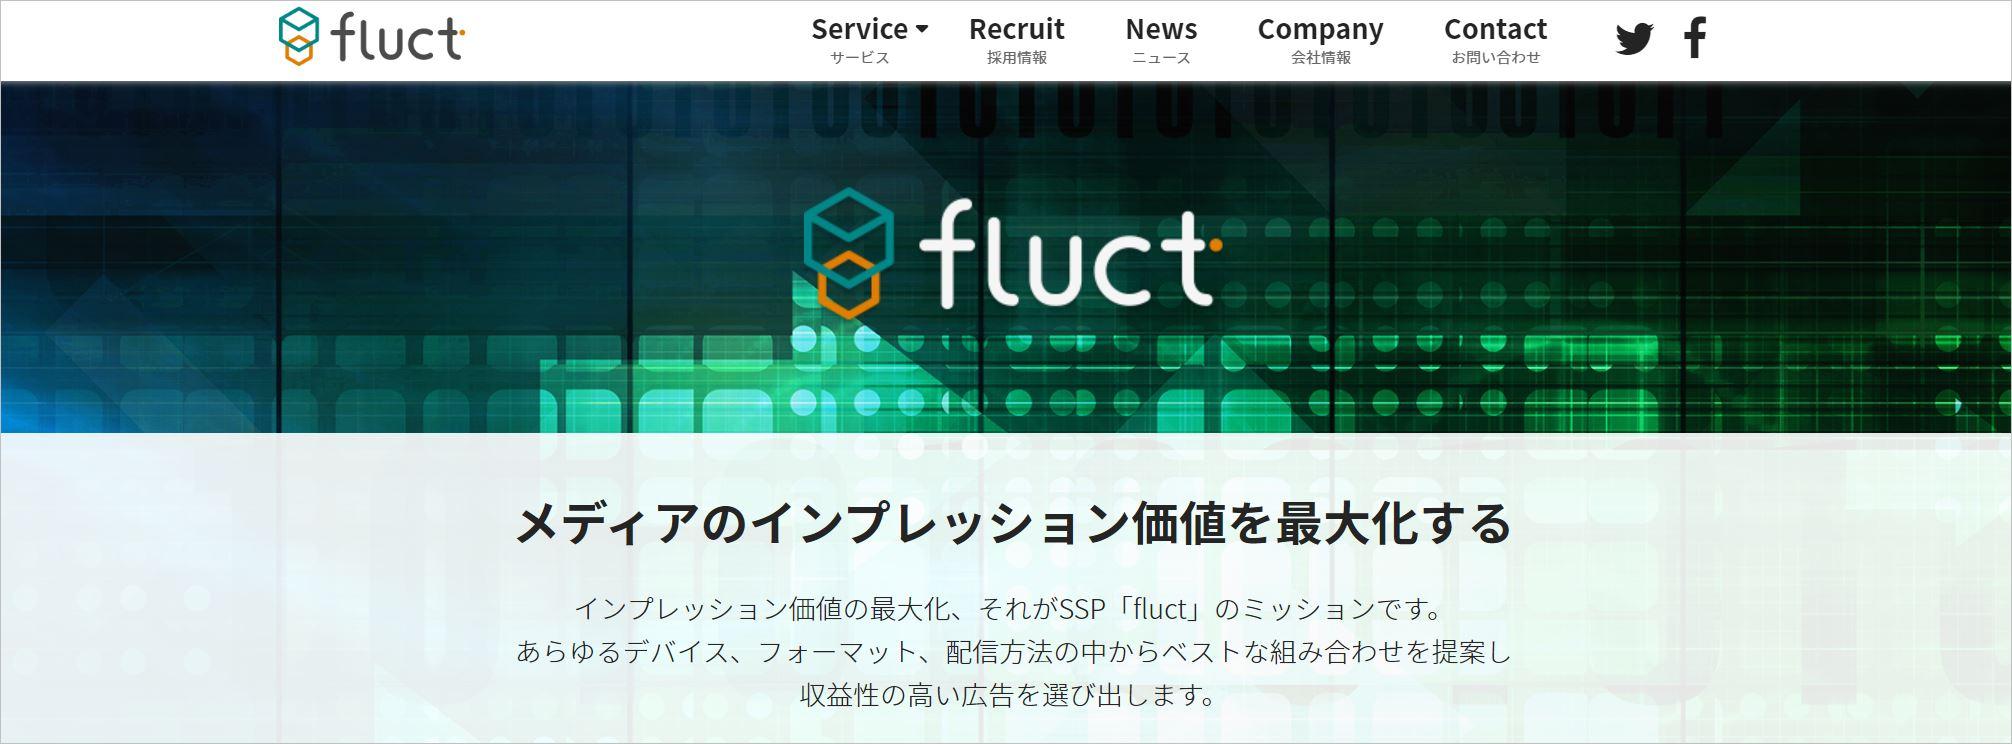 フラクトのトップページ